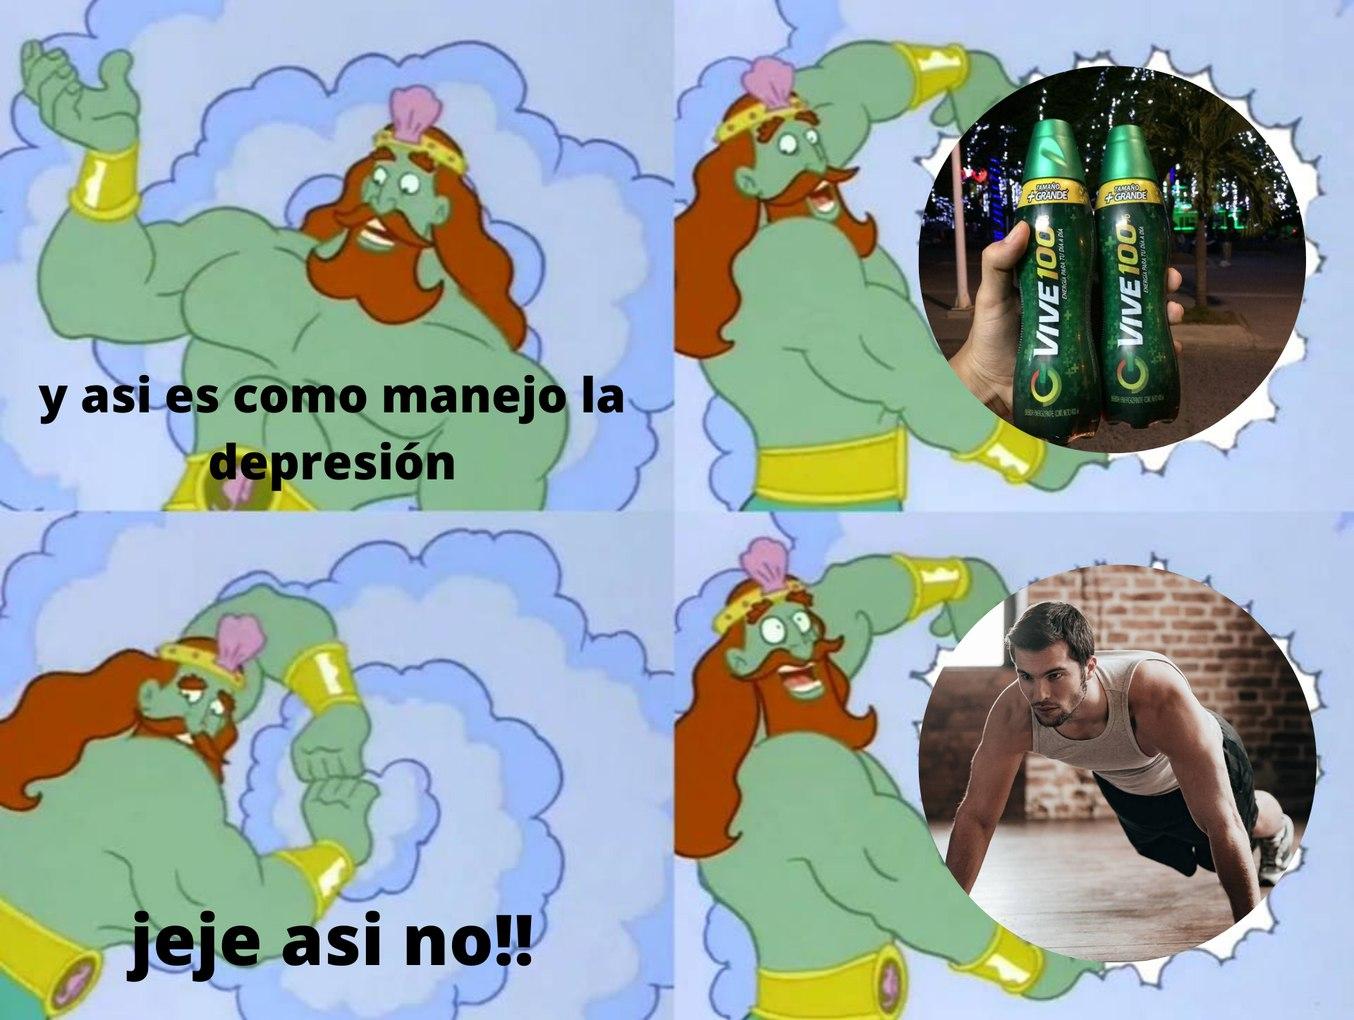 bebidas energéticas de las buenas - meme